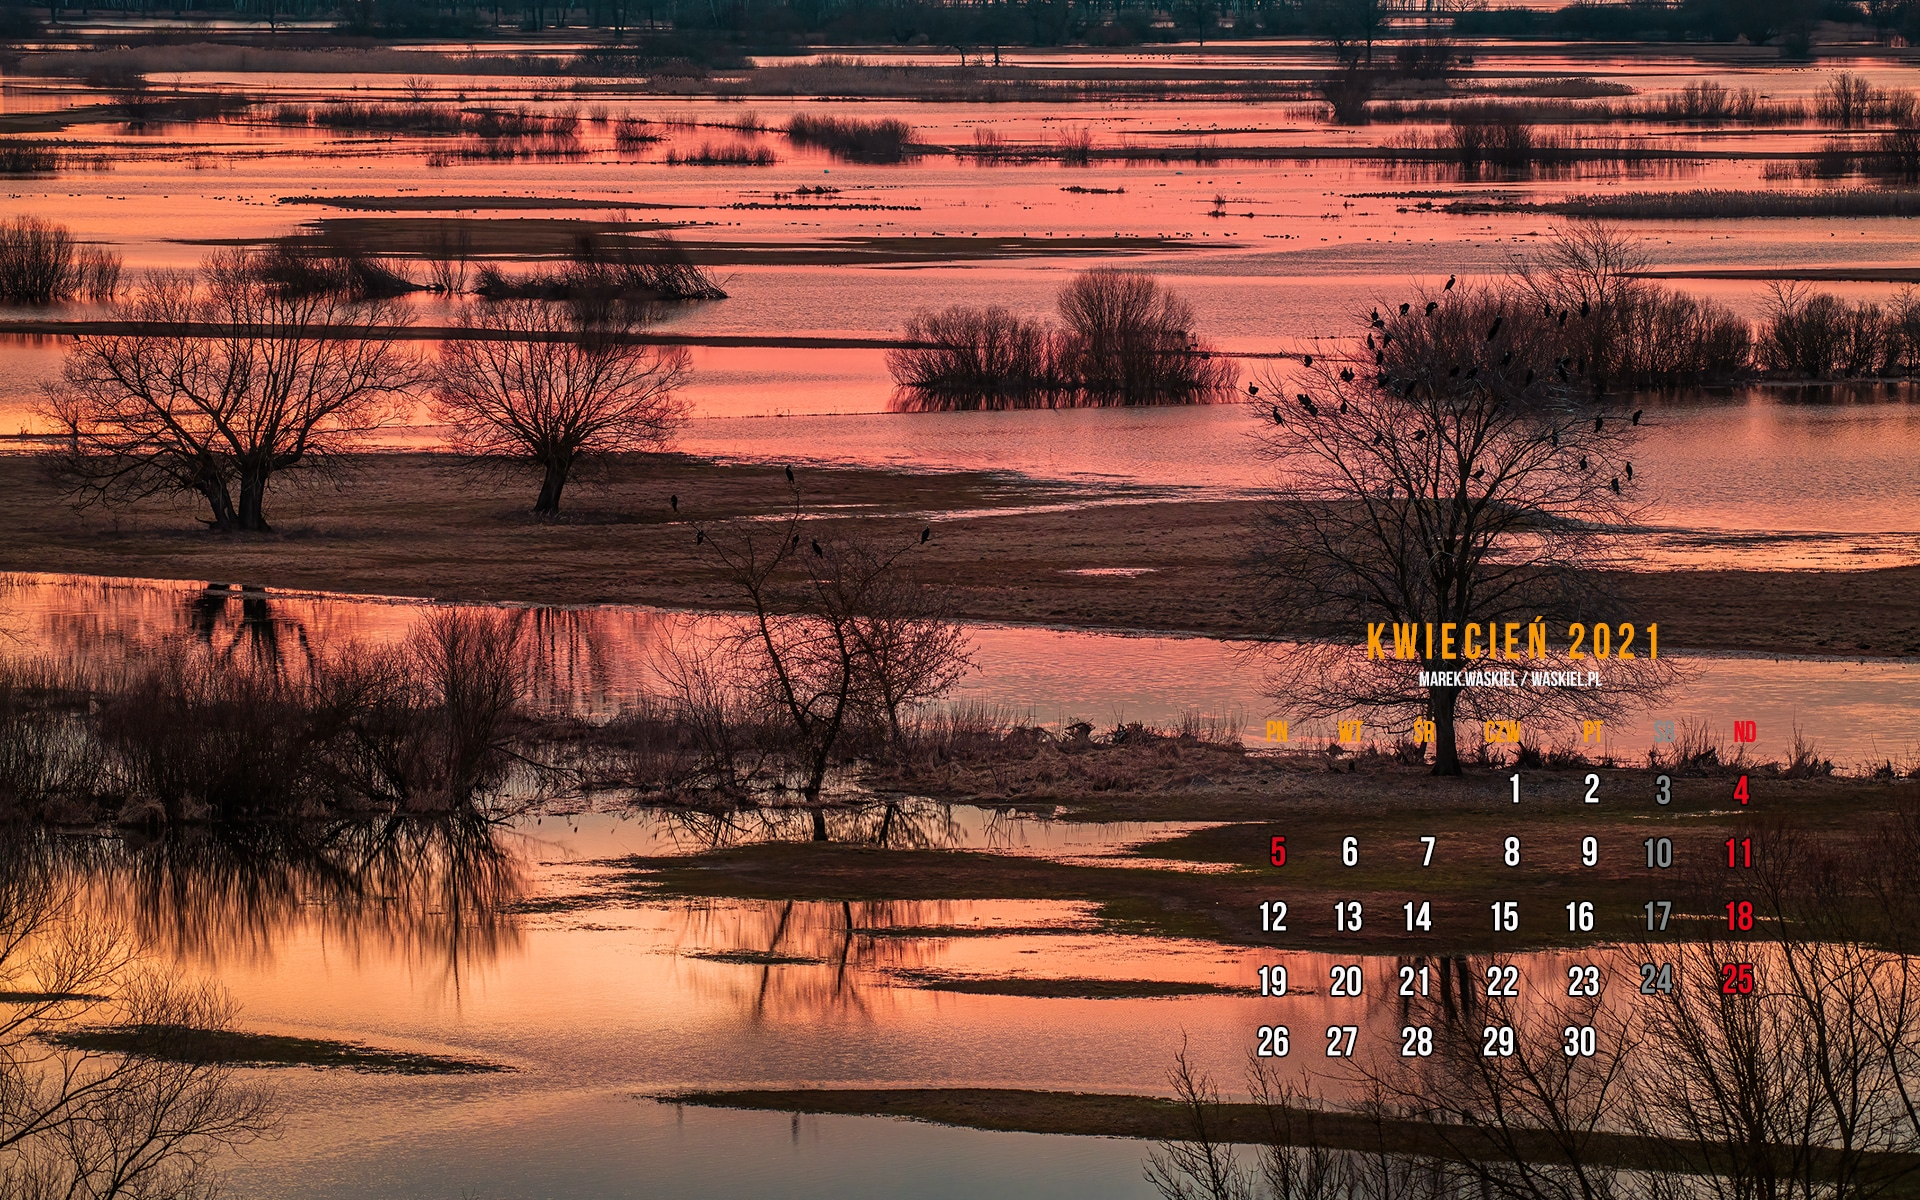 Obraz przedstawiający kalendarz fotograficzny na pulpit kwiecień 2021.